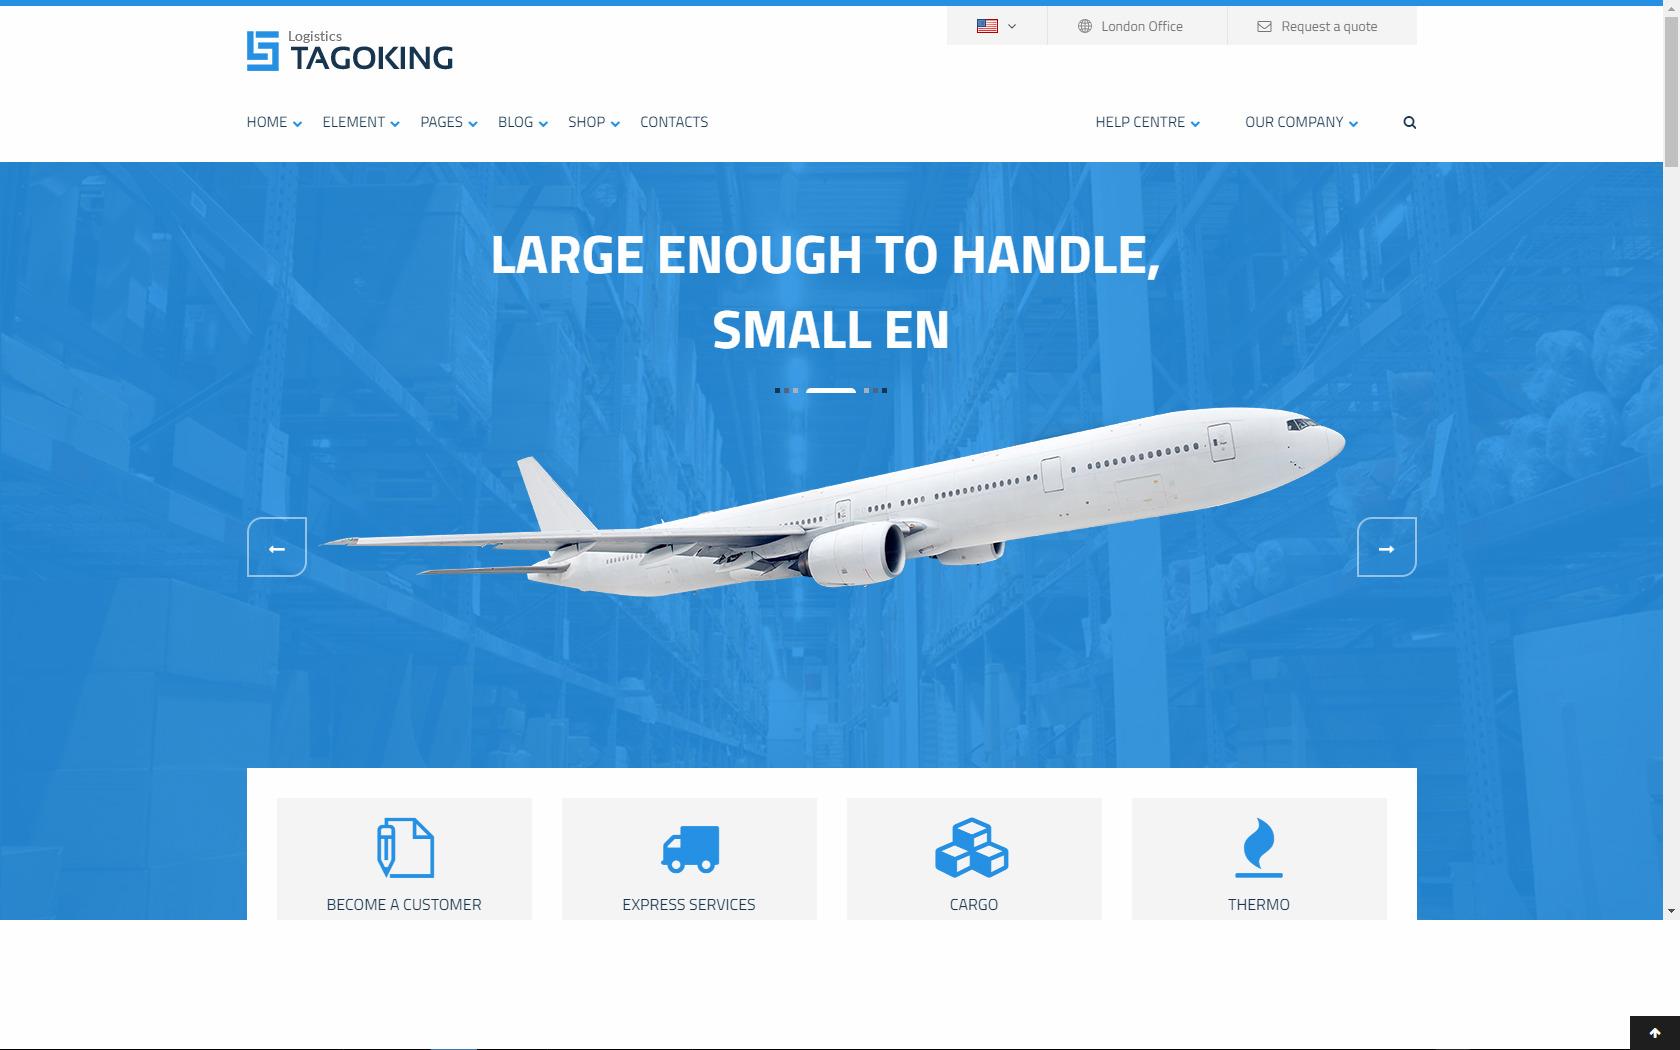 http://www.jupiweb.com/assets/uploads/files/thumbs/thumb_9b709-tagoking.jpg